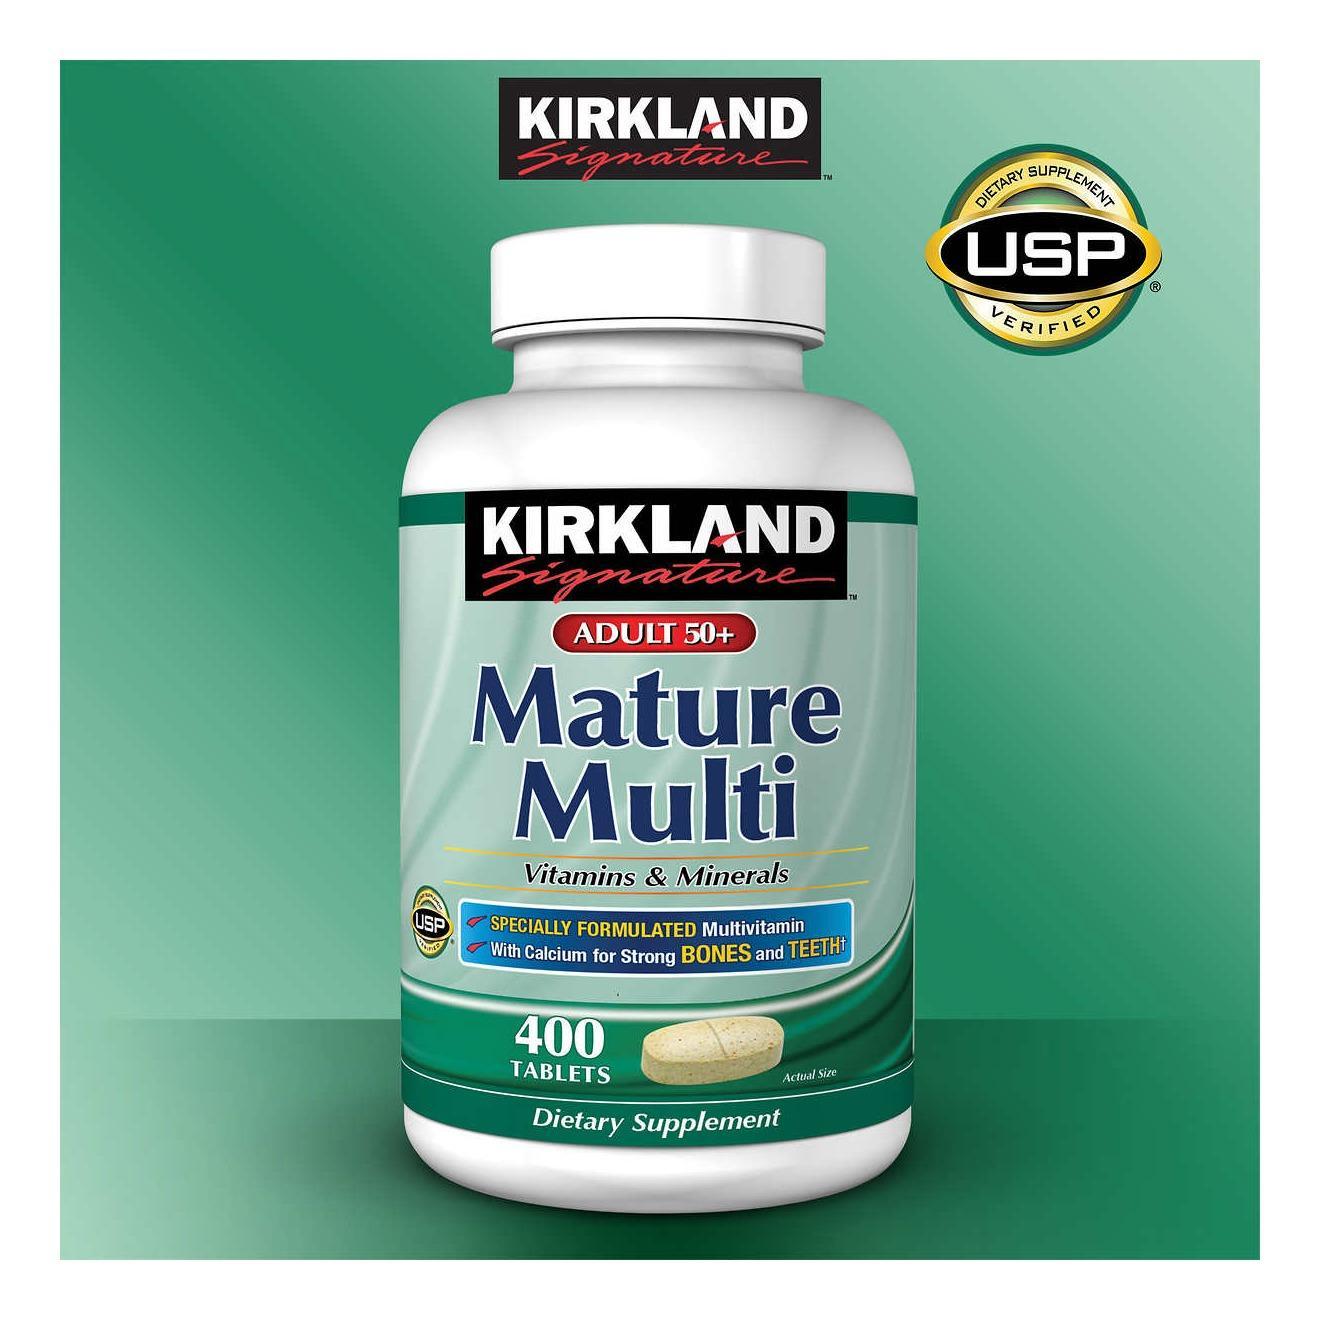 Kirkland Philippines Price List Vitamins Food Calcium Softgel Green World Signature Mature Multi 1000mg 400 Tablets